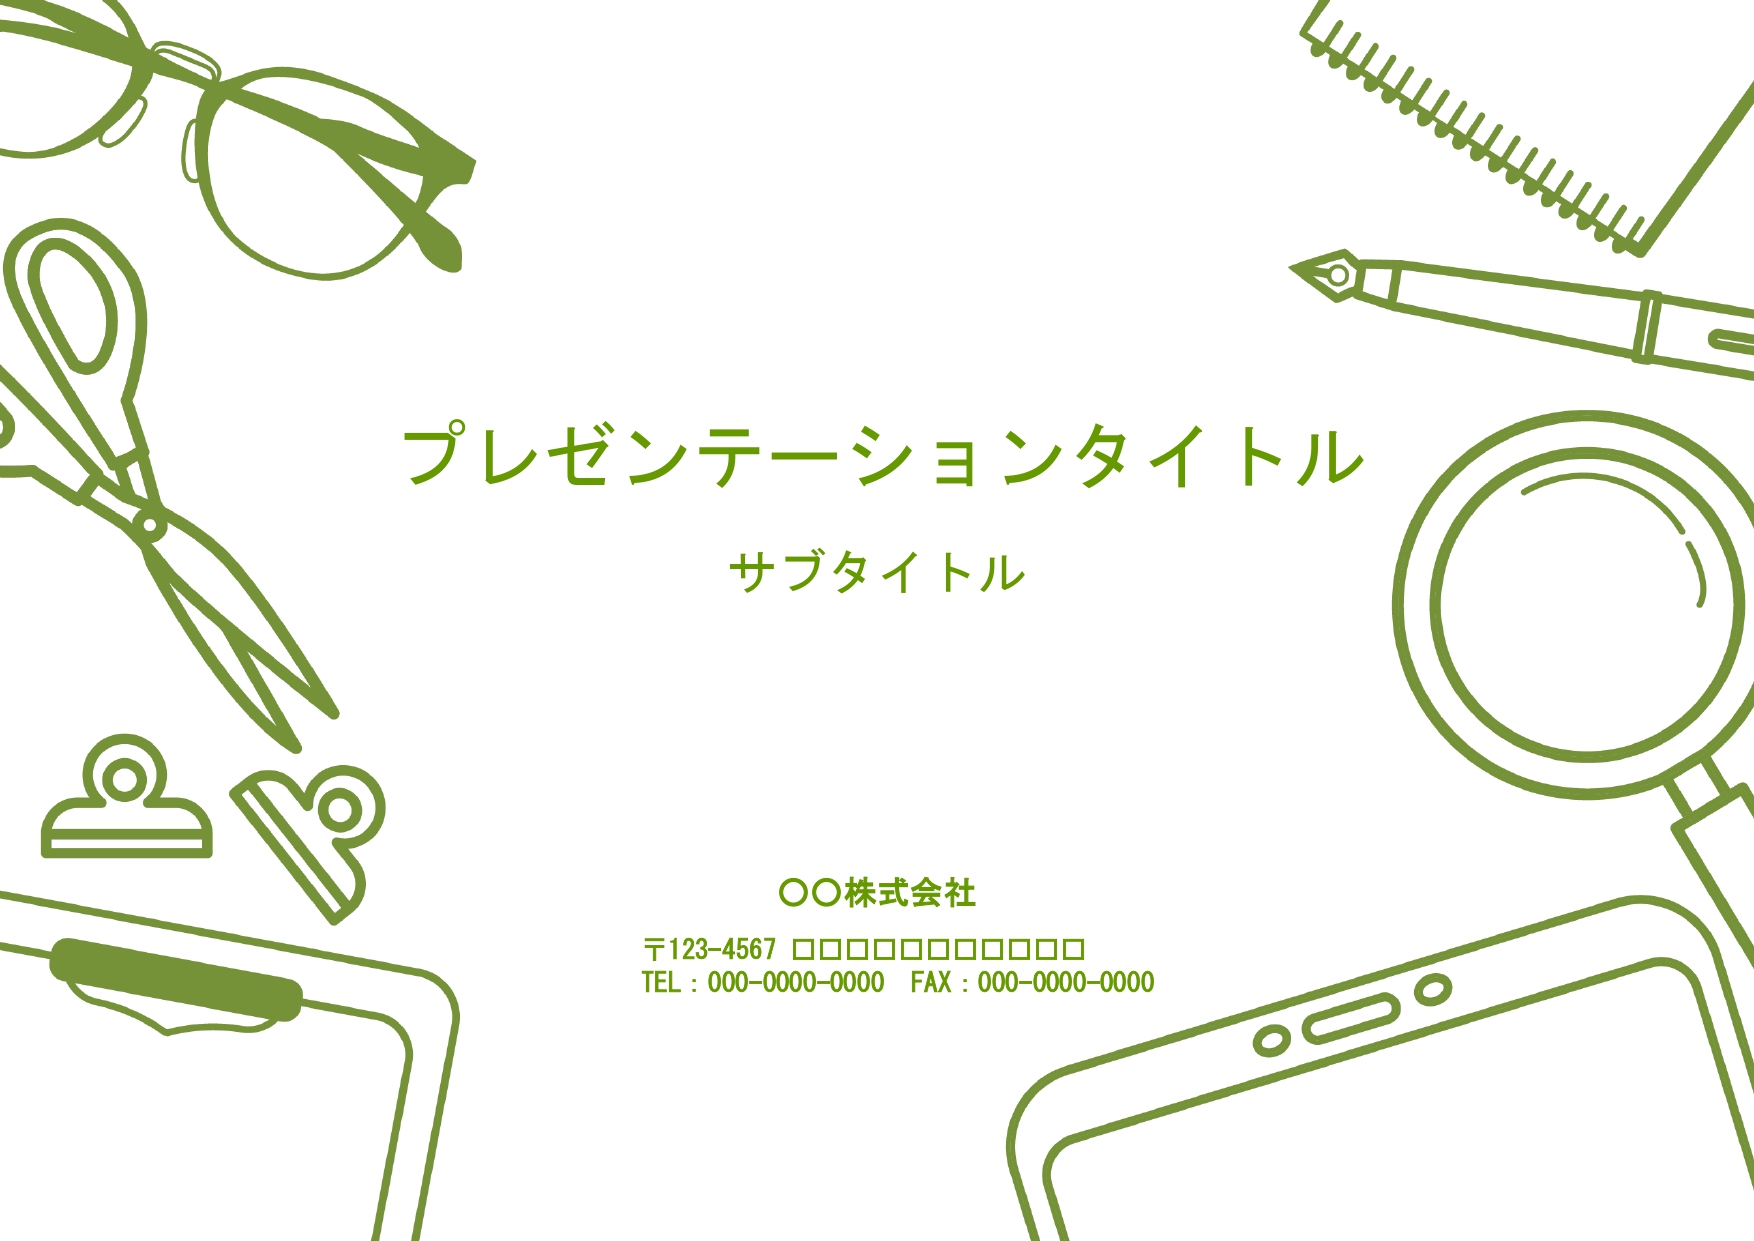 文具「グリーン」のパワポ背景「ホワイト」の表紙